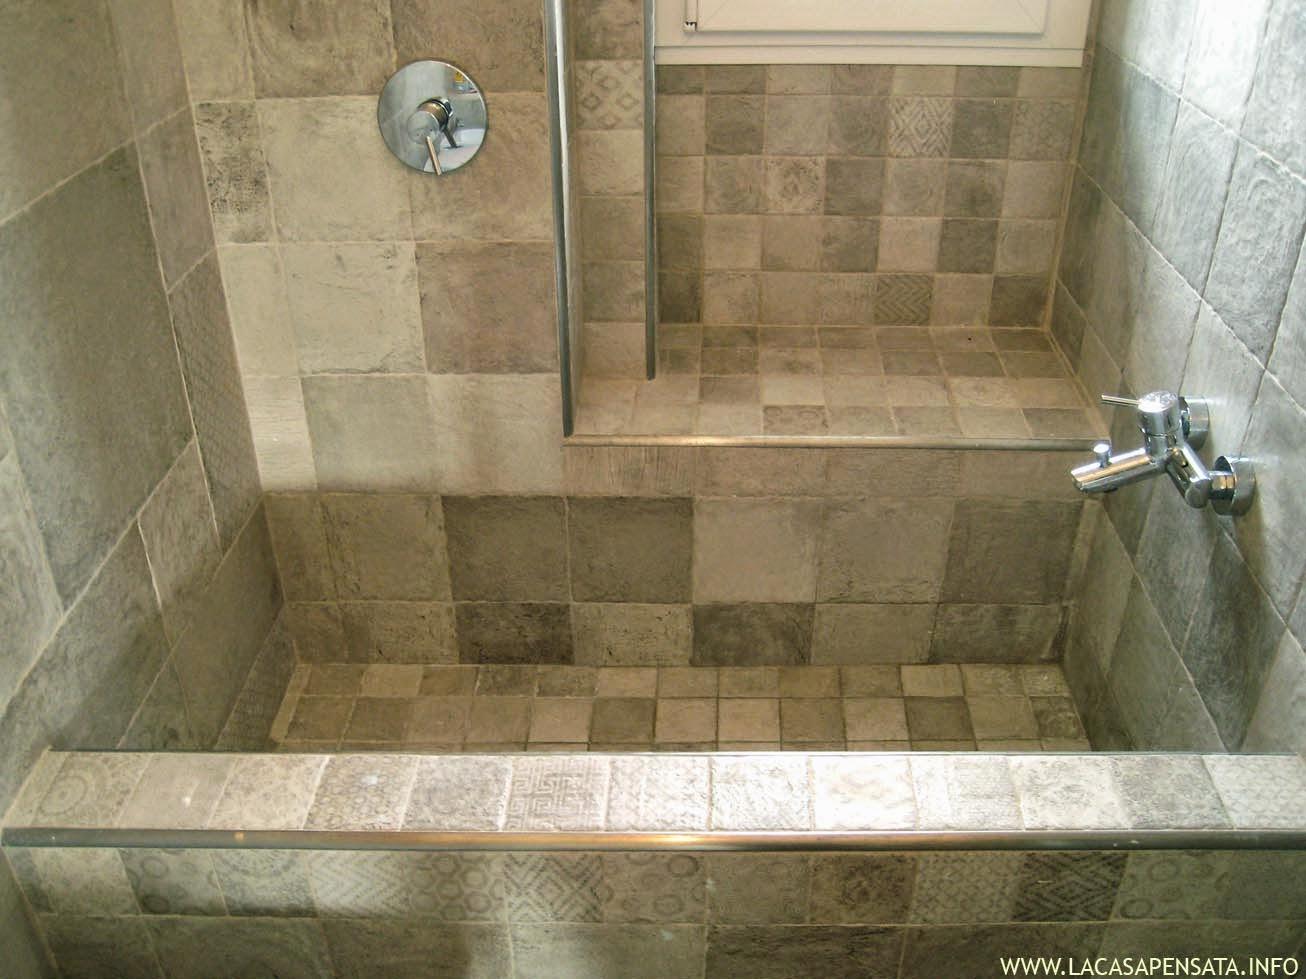 Bagno moderno mosaico bagni moderni mosaico azzurri cerca - Mosaico grigio bagno ...